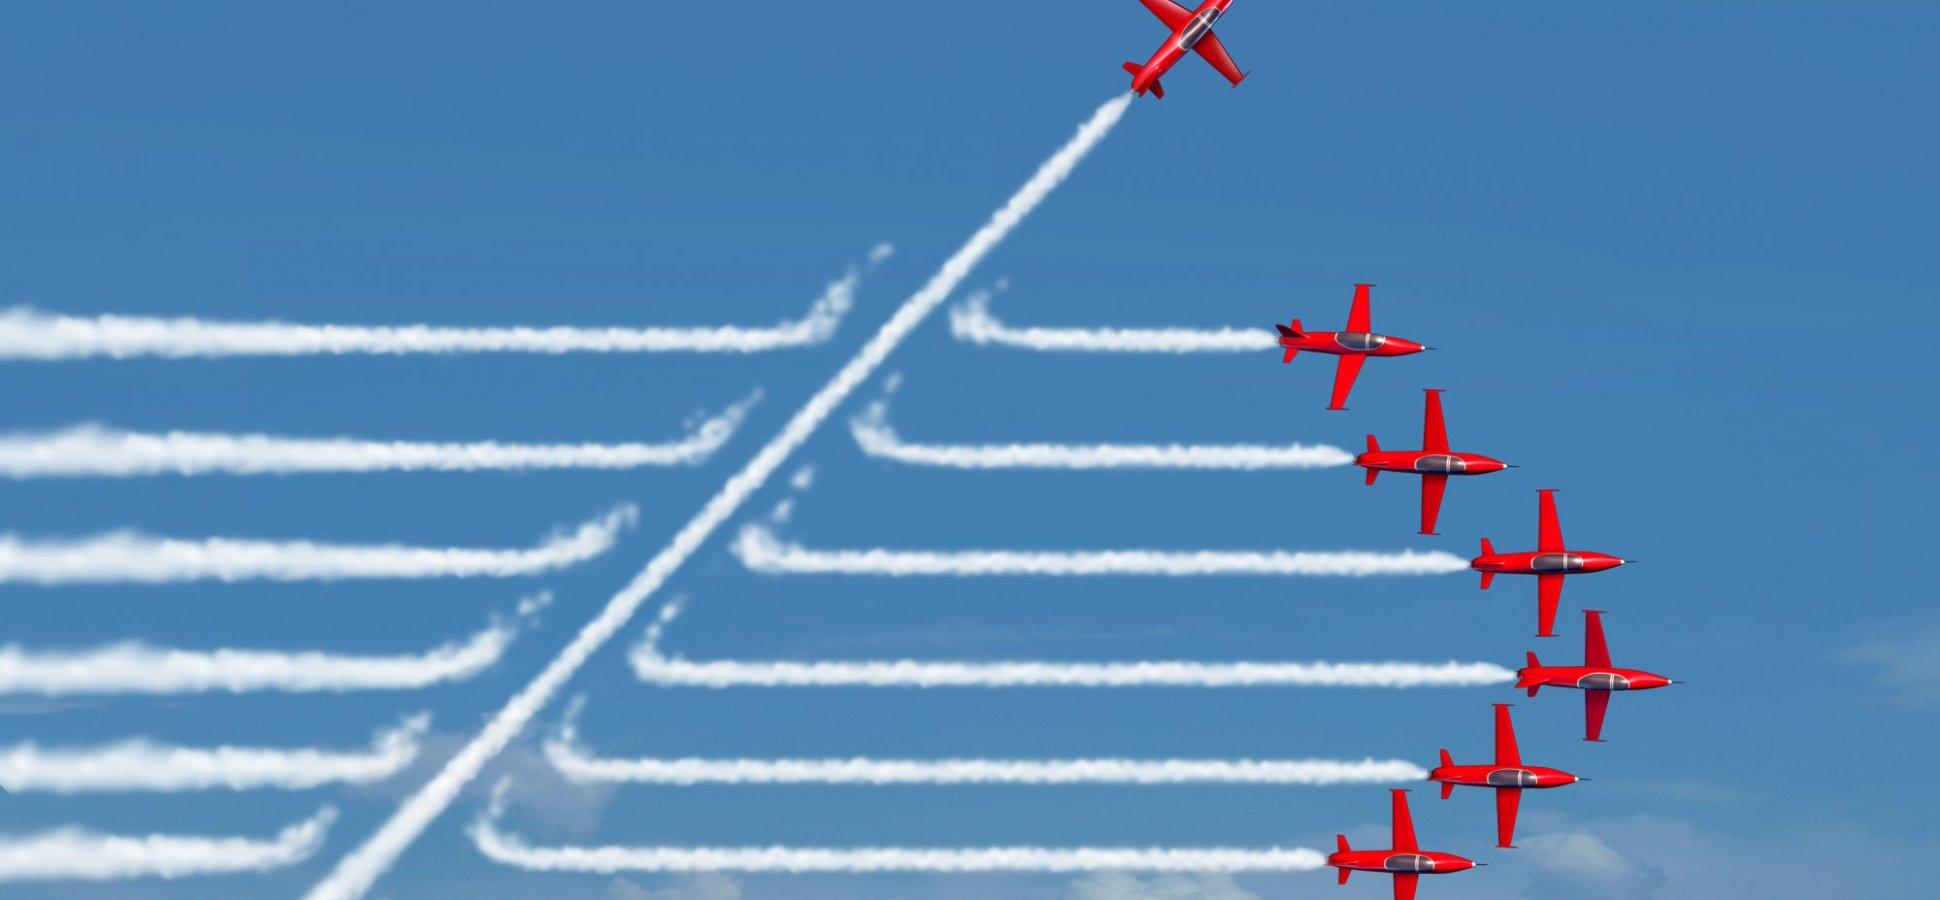 ریسک استراتژیStrategy Risk